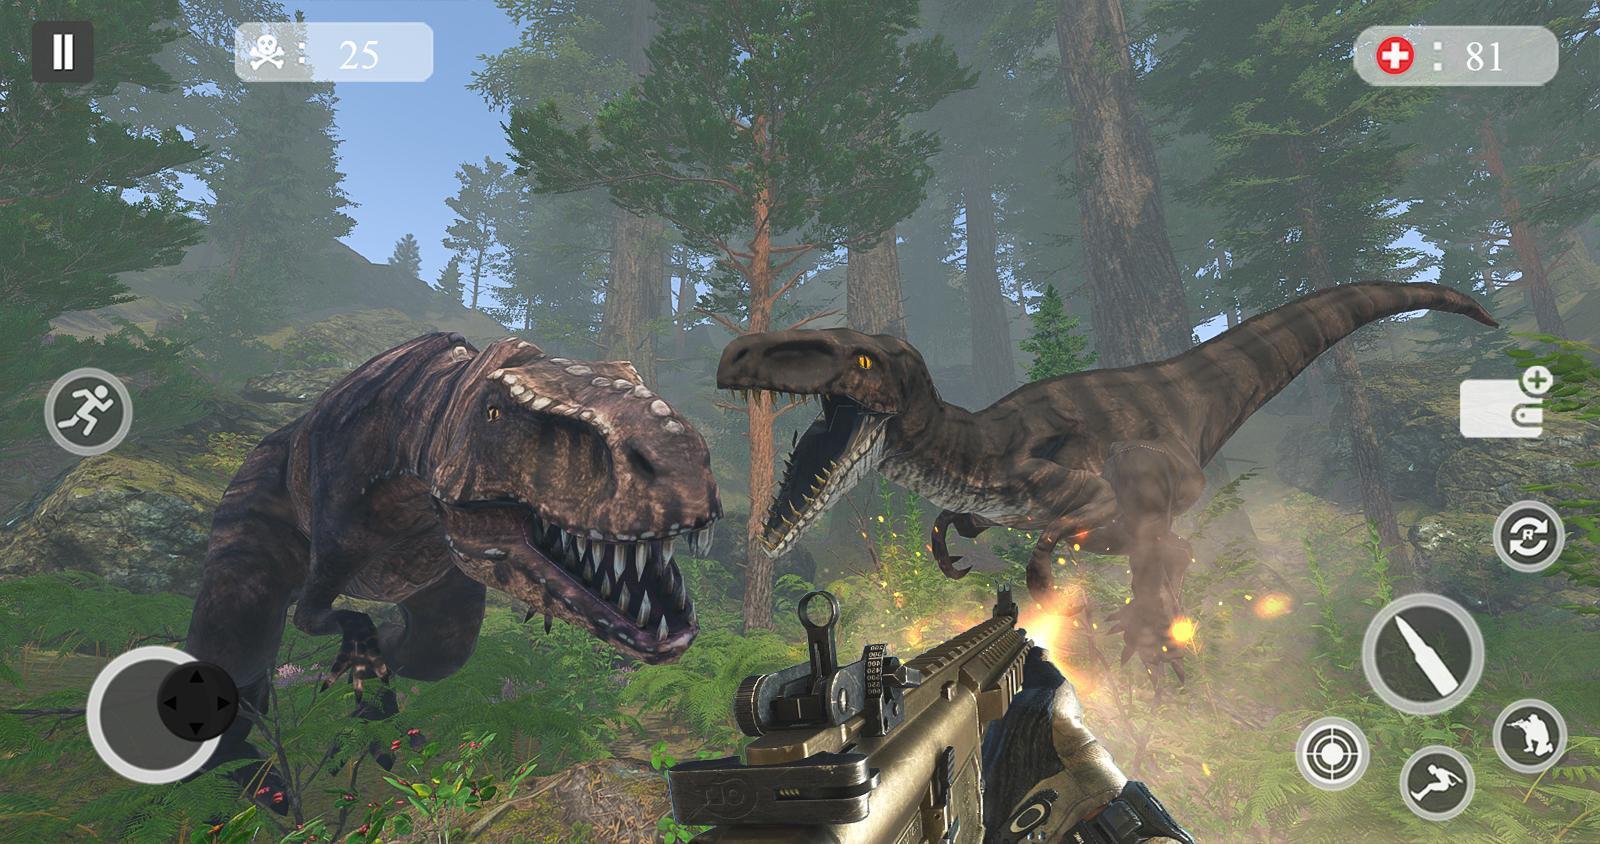 Dinosaur Hunter 2019, Jeu De Tir Gratuit Pour Android à Jeux De Tire Gratuit